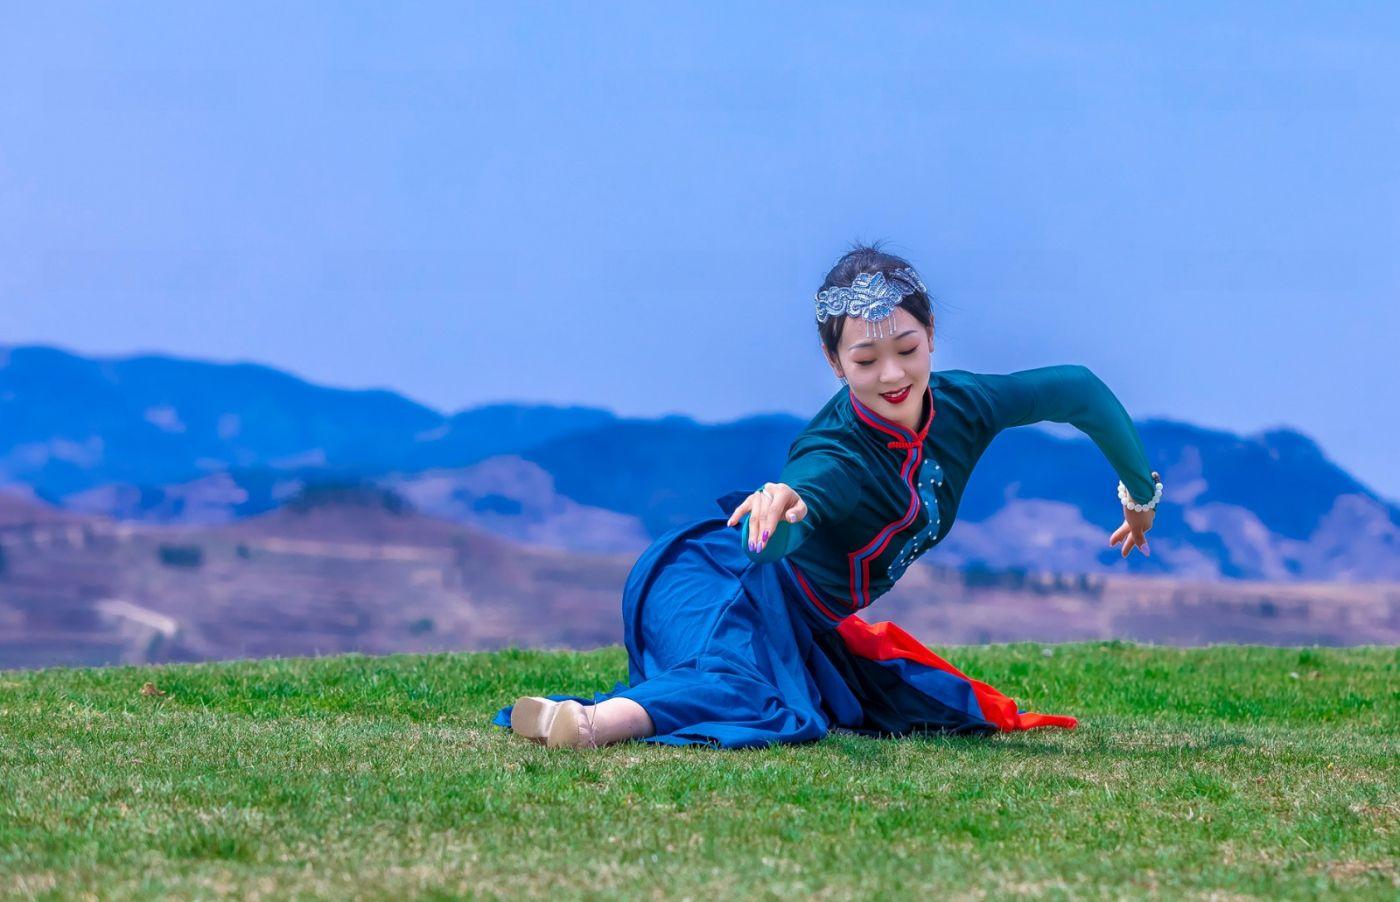 崮上草原有位女孩在翩翩起舞 她要和你邂逅在崮上花开的季节 ..._图1-1